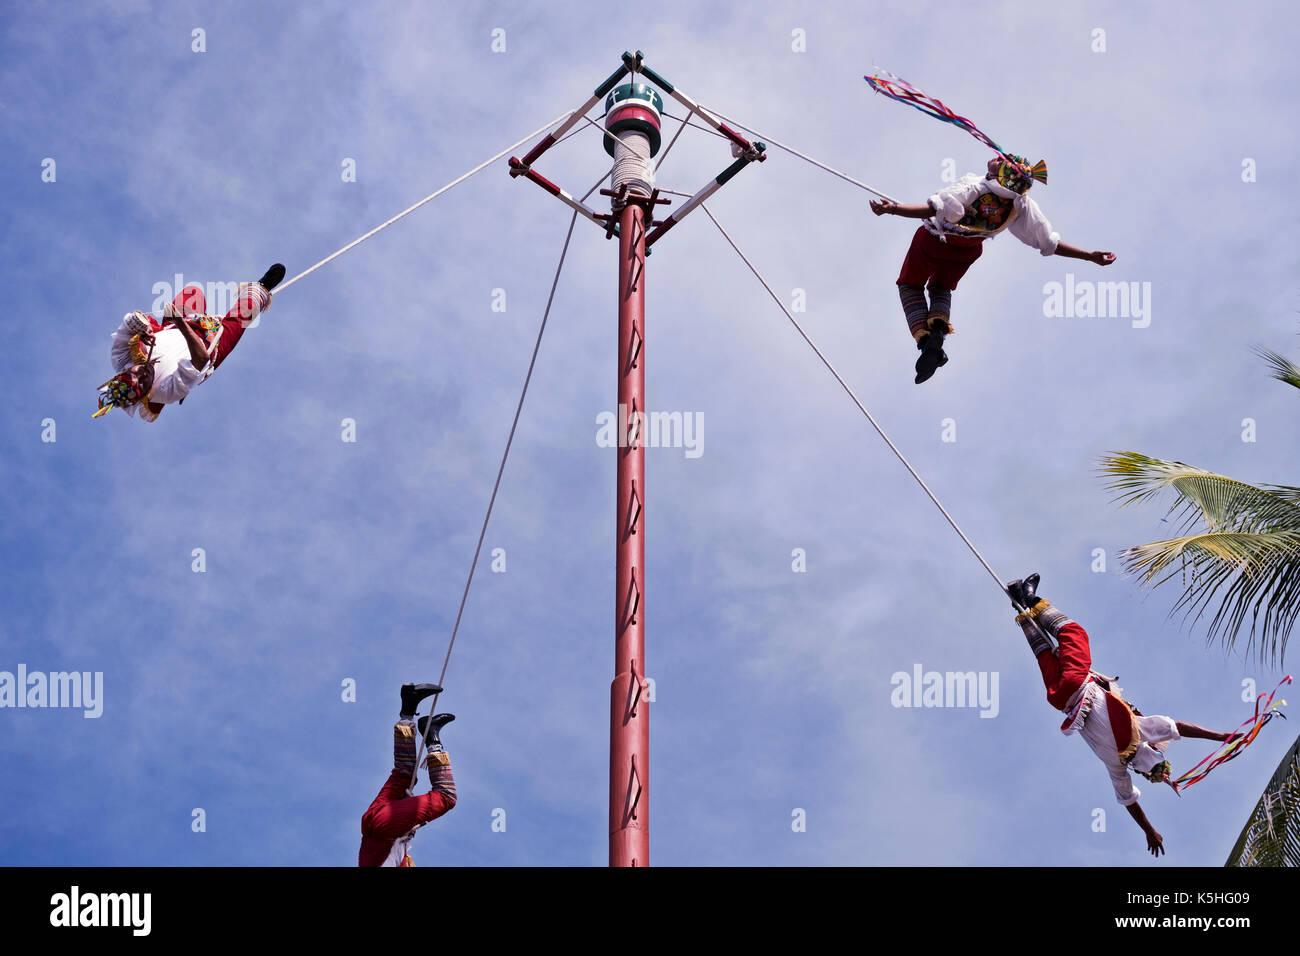 Die Danza de los Voladores (Tanz des Flyers), oder Palo Volador (Pol fliegen), ist eine alte Mesoamerikanischen Zeremonie/Ritual noch heute in M Stockbild